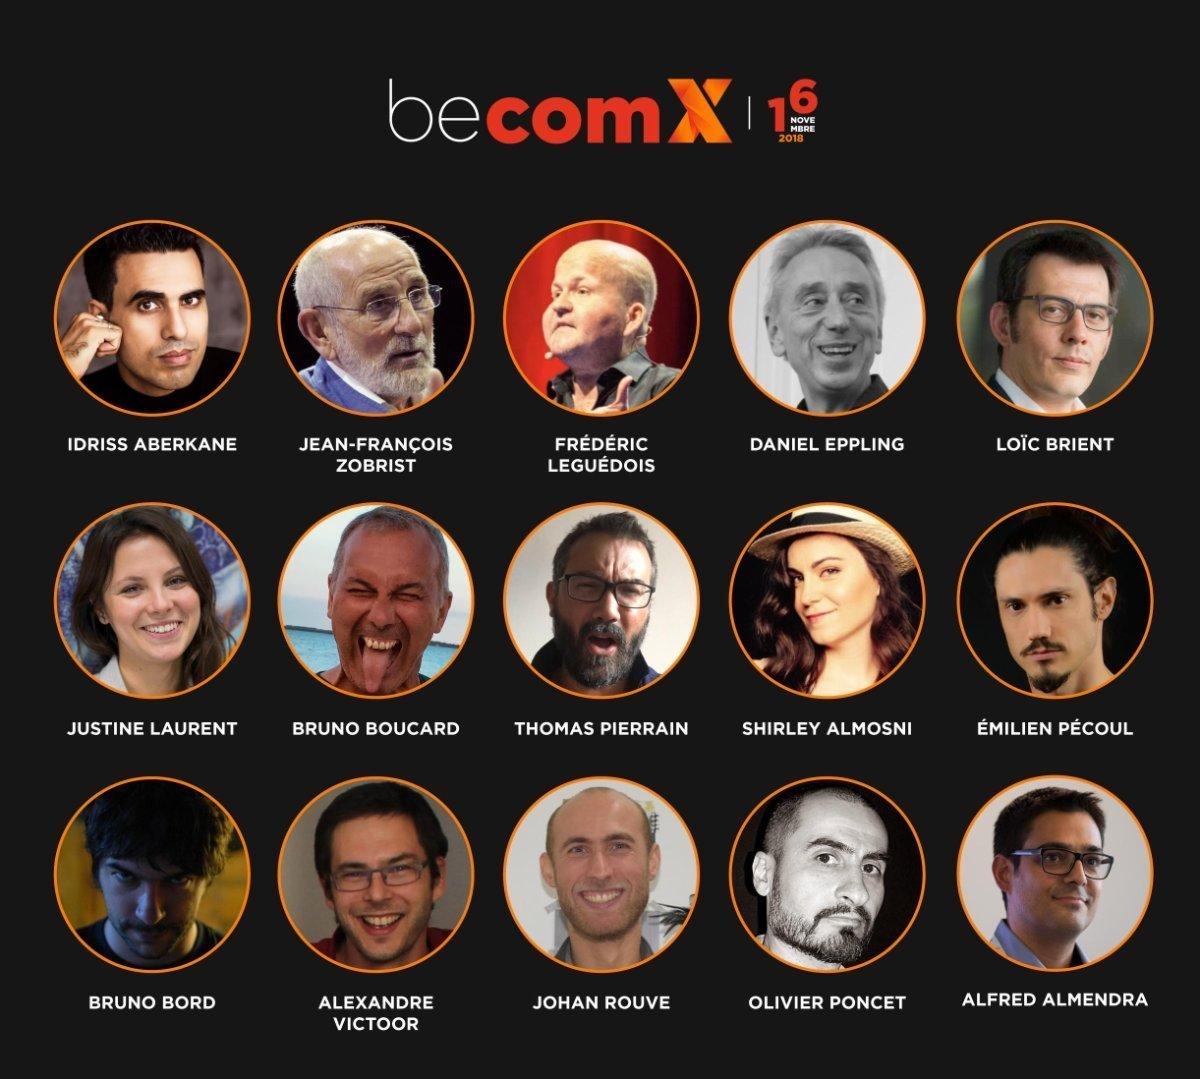 becomx